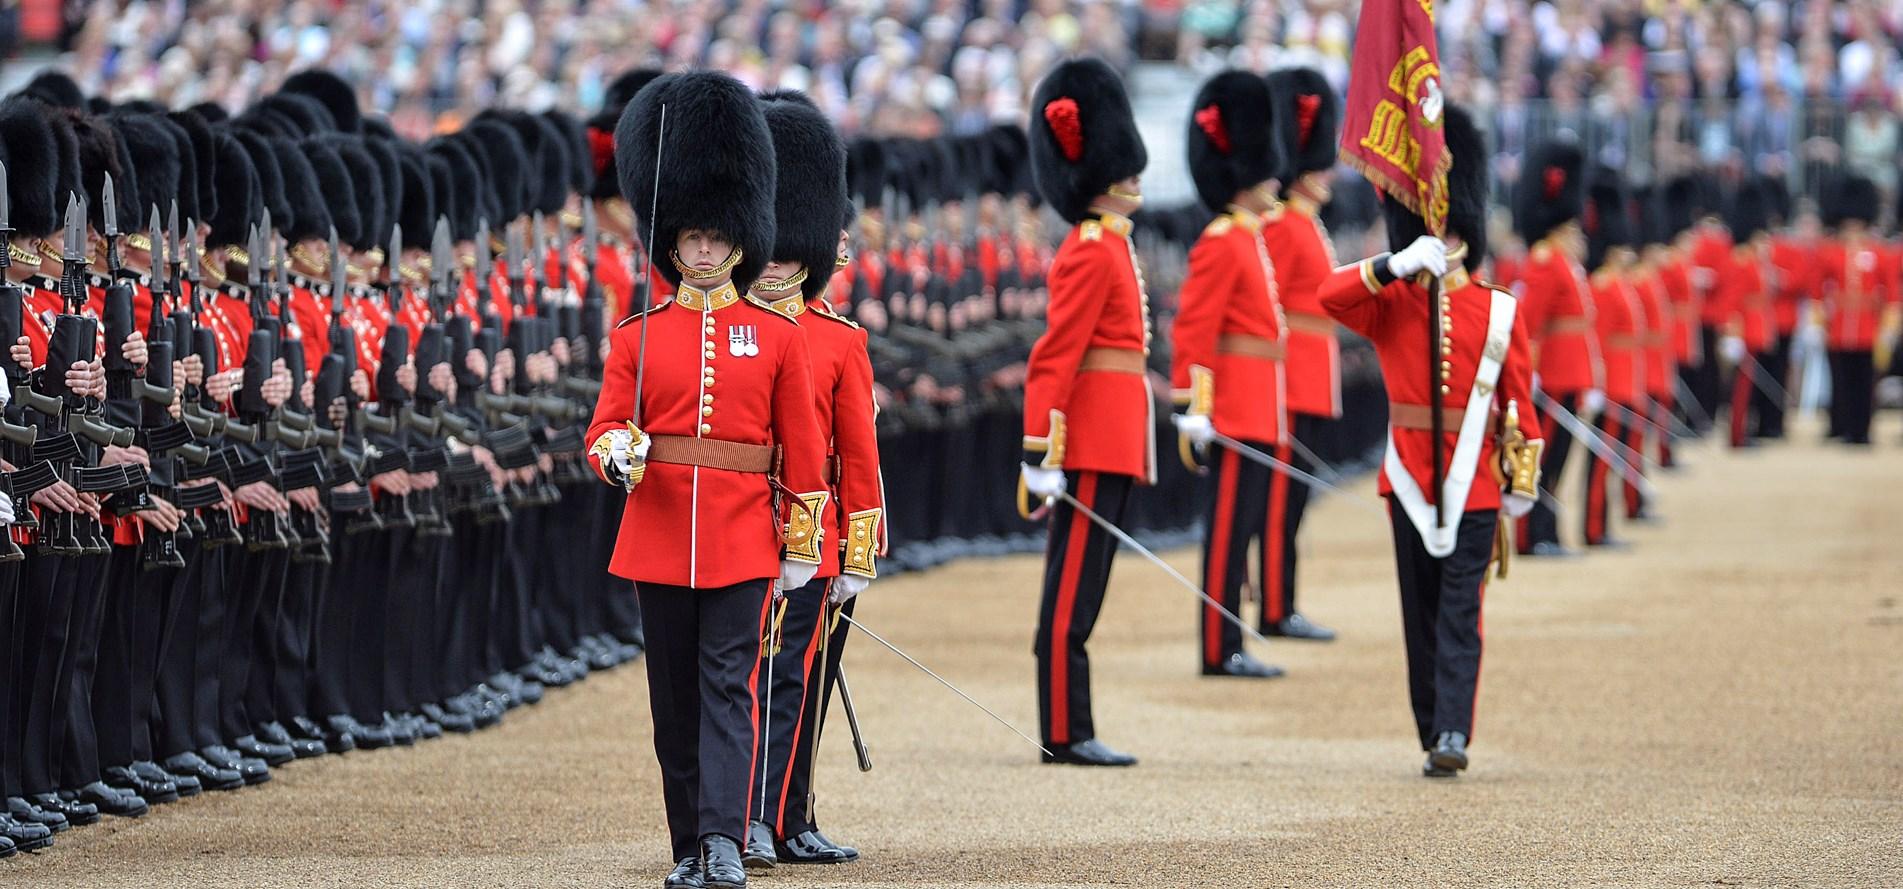 Парад Trooping the Colour в честь дня рождения Елизаветы II решили не отменять - но традиции будут нарушены